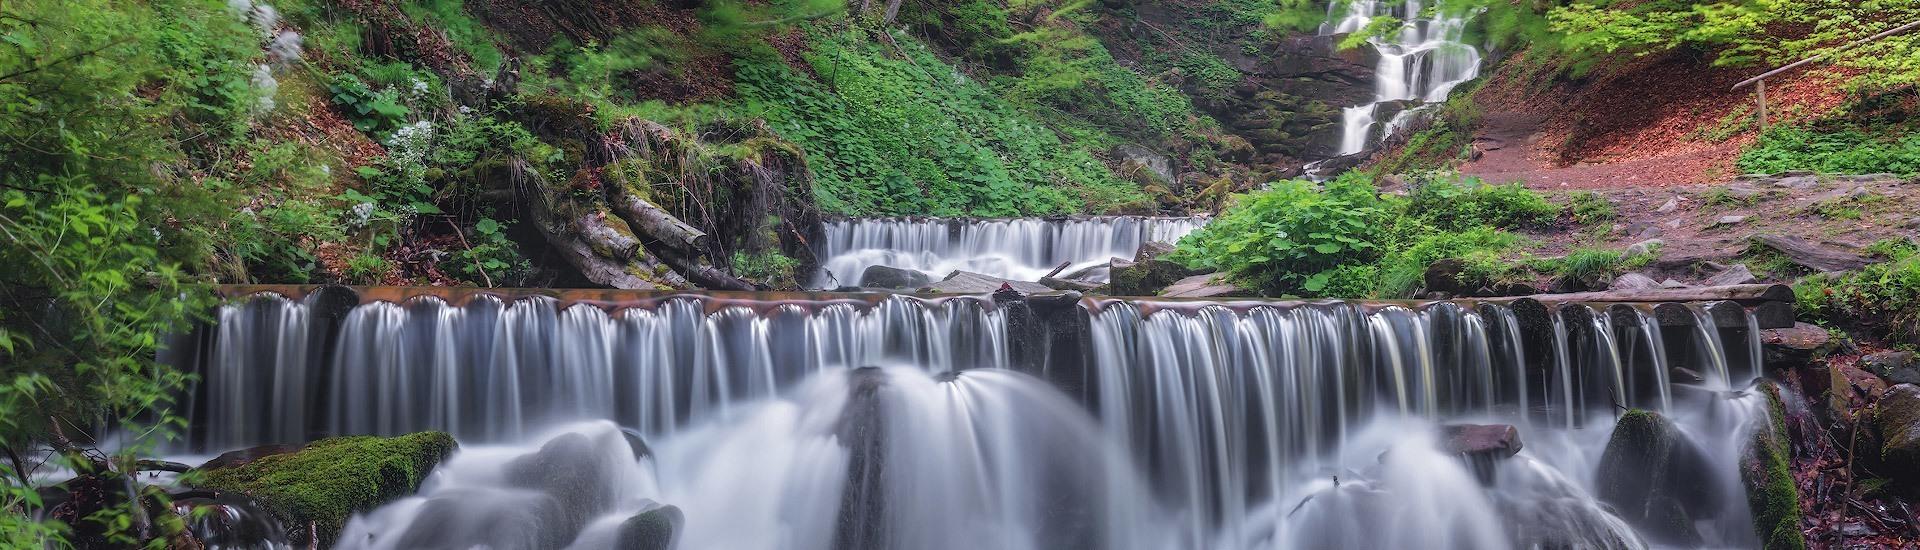 Картинки по запросу Водоспад Шипіт